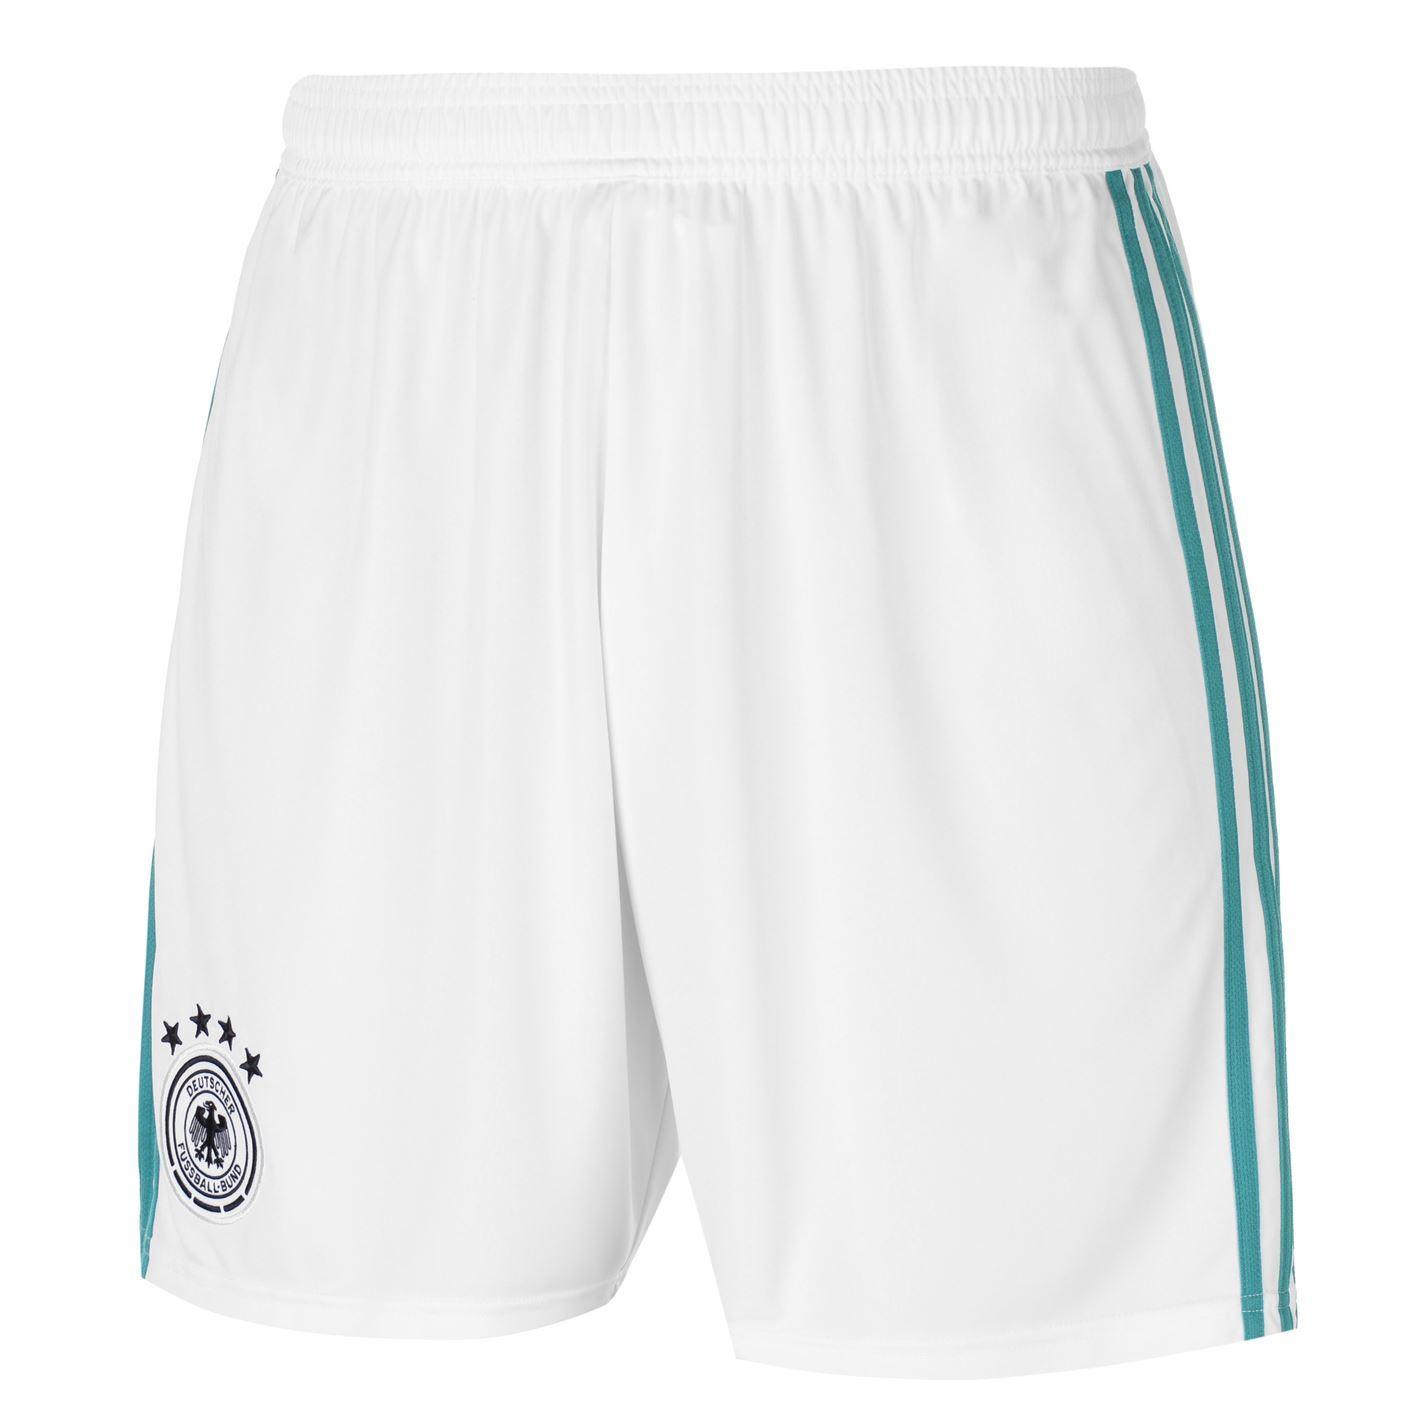 f973bc25a ... adidas Germany Away Shorts FIFA World Cup 2018 Mens White Green  Football Soccer ...